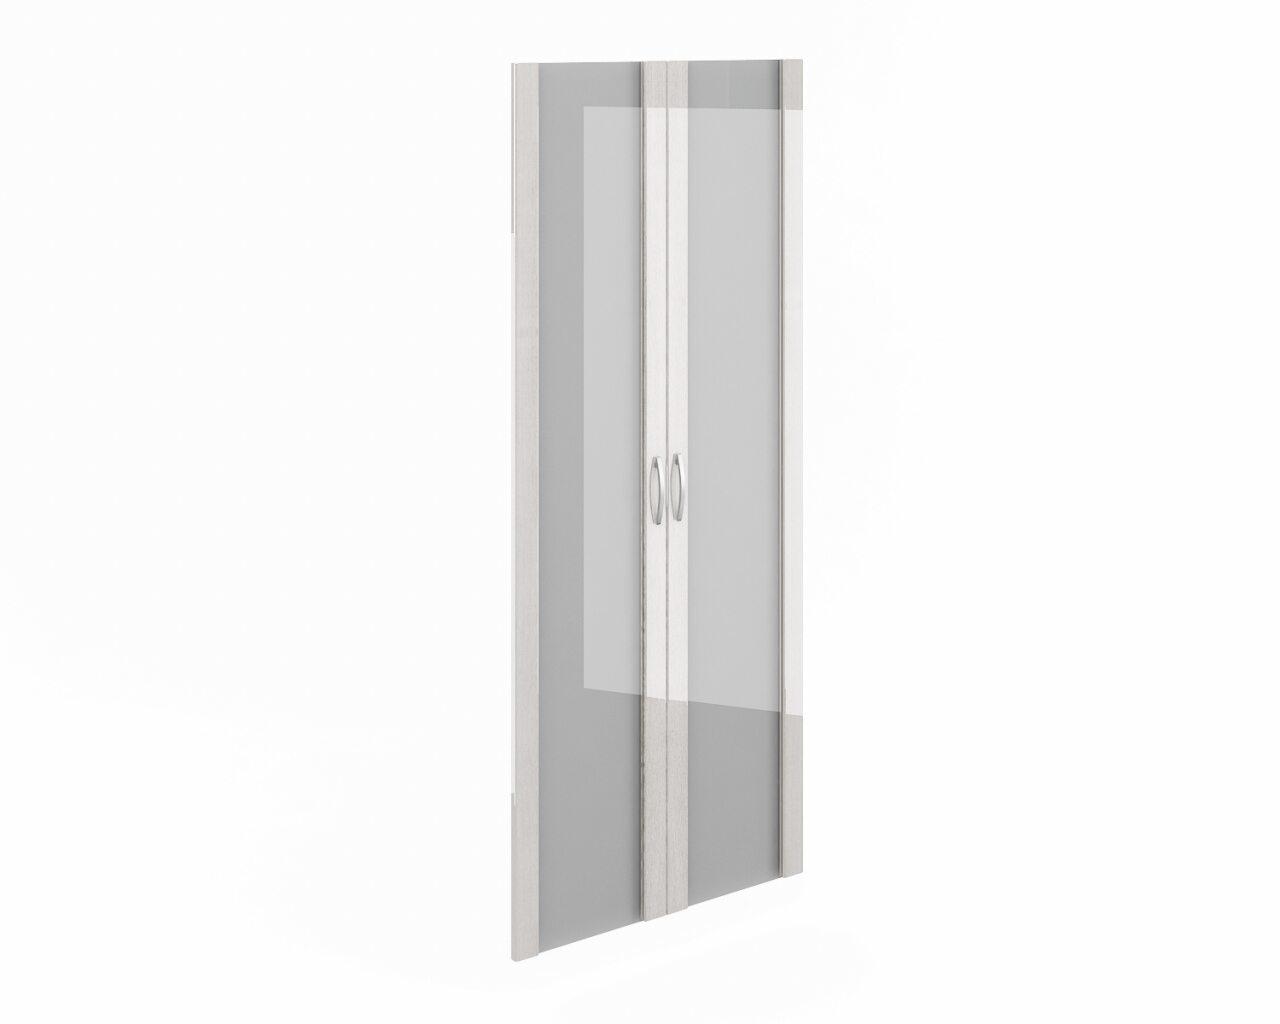 Дверь высокая стекло в рамке МДФ  Консул-ЛАК  - фото 1